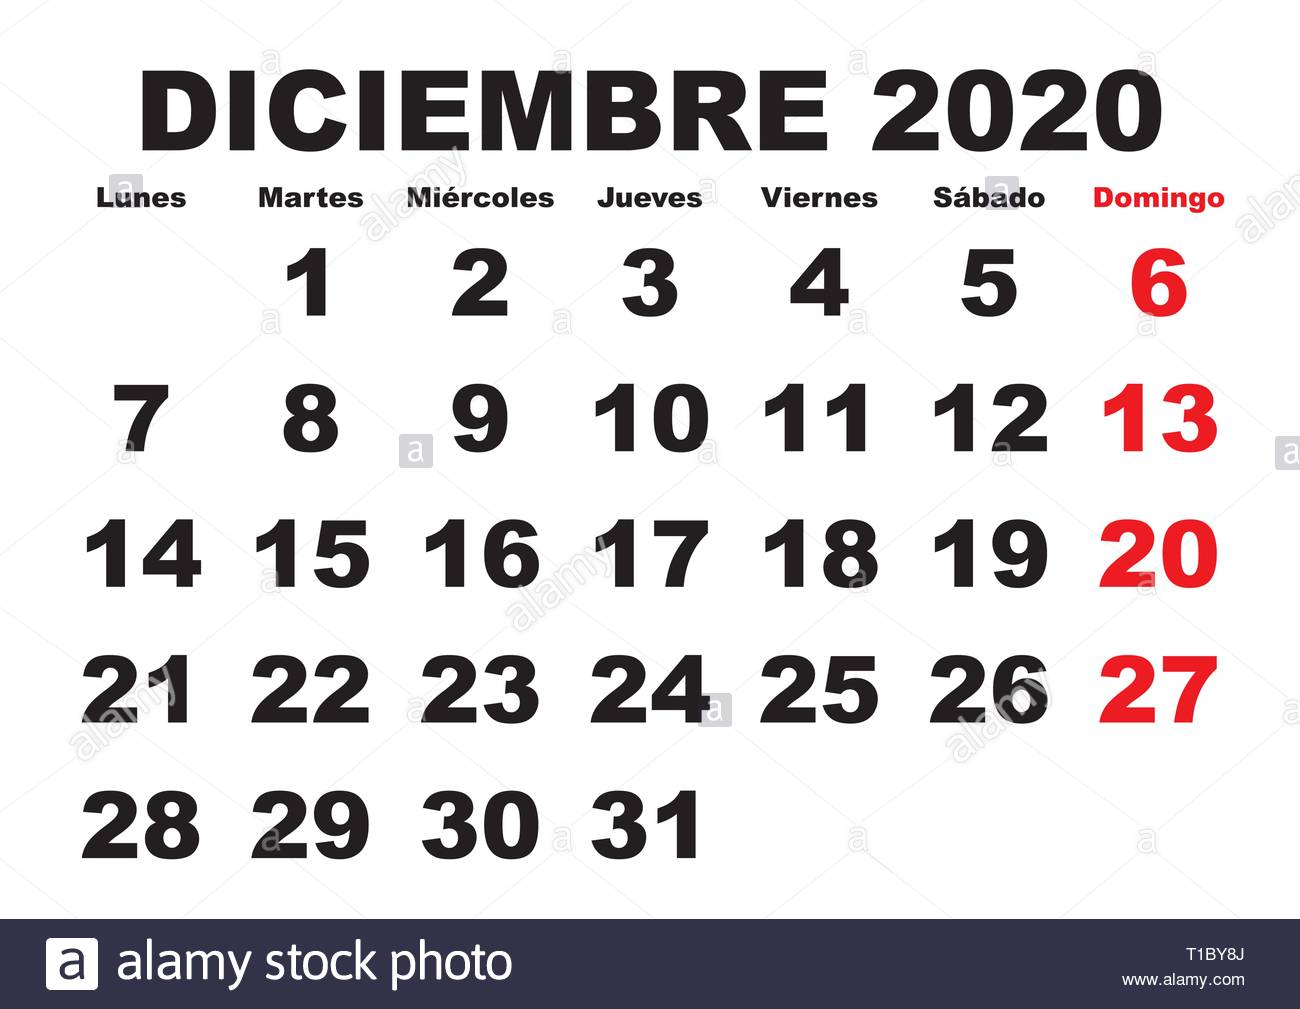 Calendario Del Ano 2020 En Espanol.En El Mes De Diciembre Del Ano 2020 Calendario De Pared En